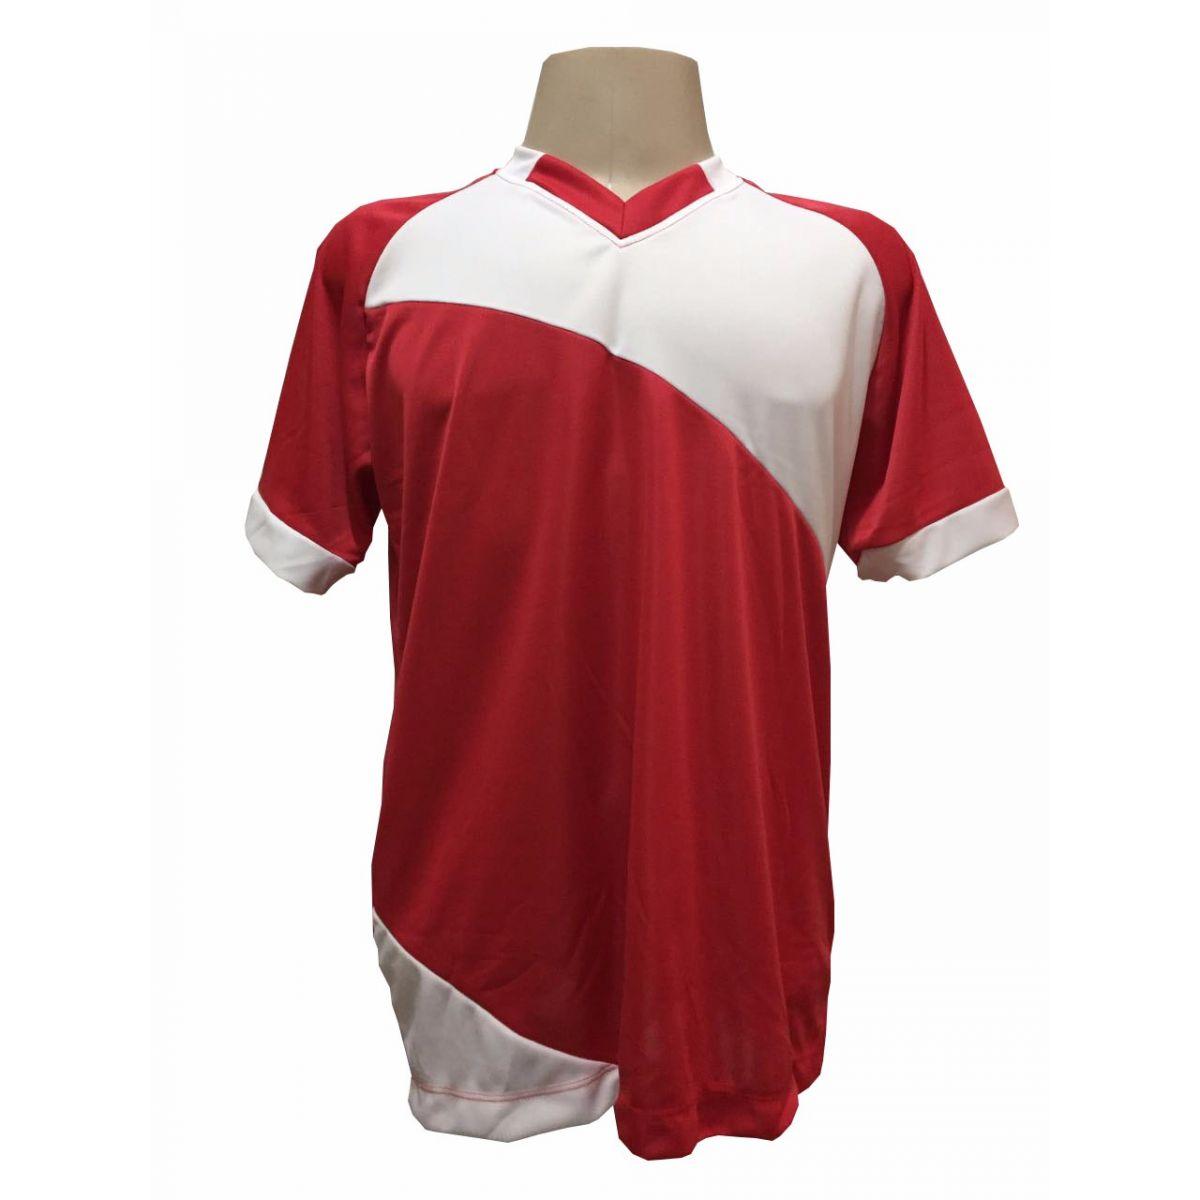 Jogo de Camisa com 20 unidades modelo Bélgica Vermelho/Branco + 1 Goleiro + Brindes